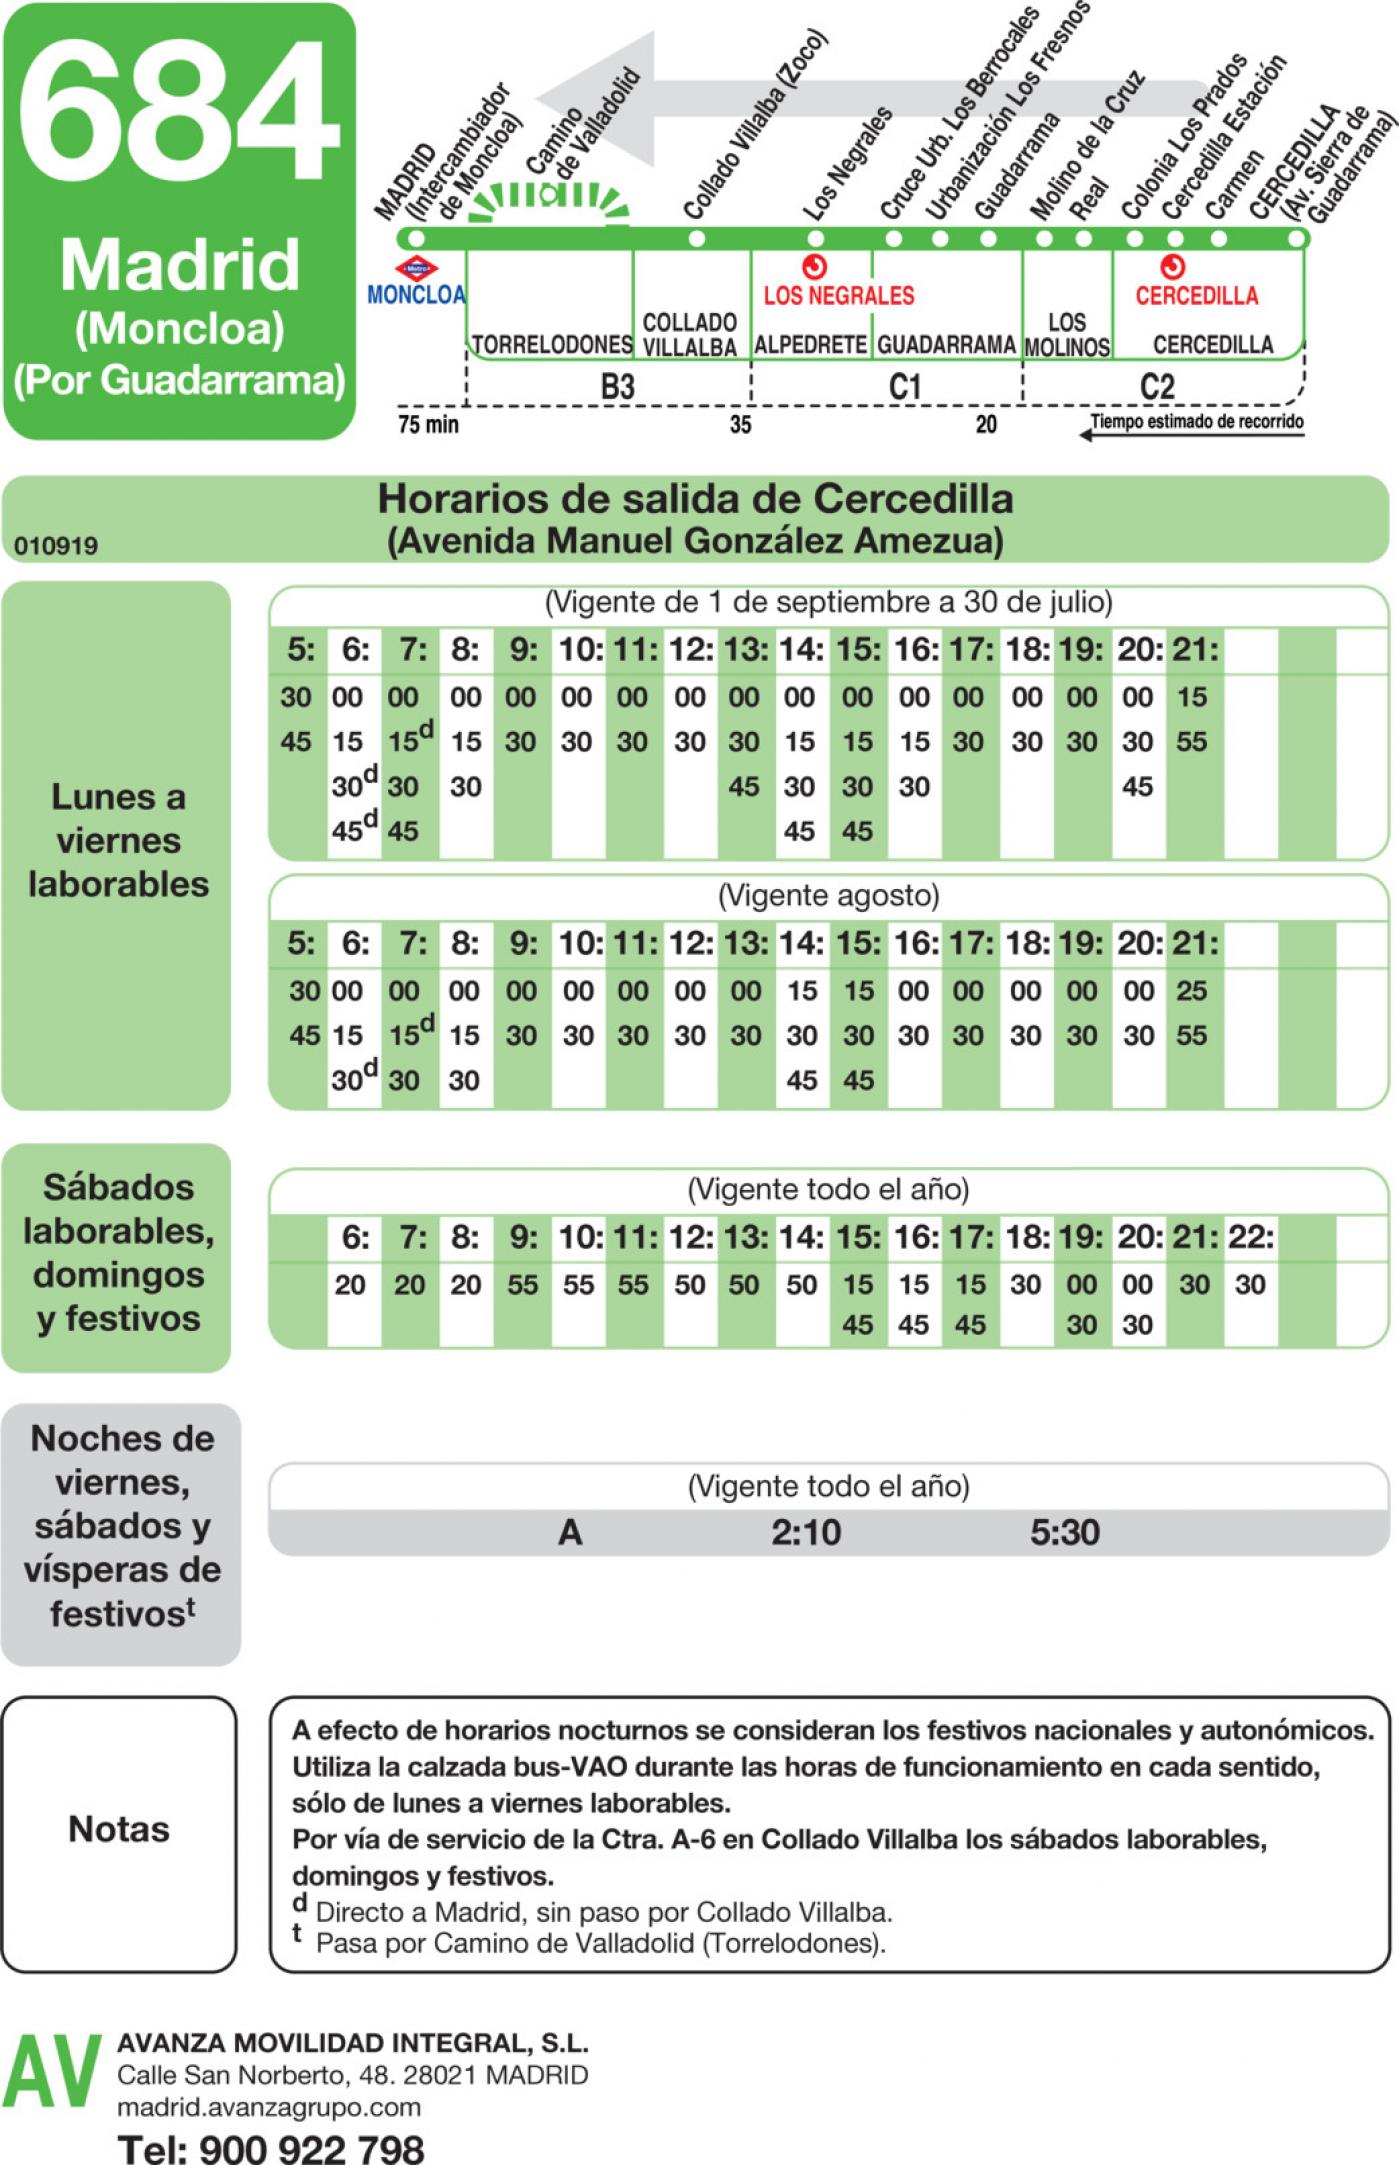 Tabla de horarios y frecuencias de paso en sentido vuelta Línea 684: Madrid (Moncloa) - Cercedilla (Guadarrama)